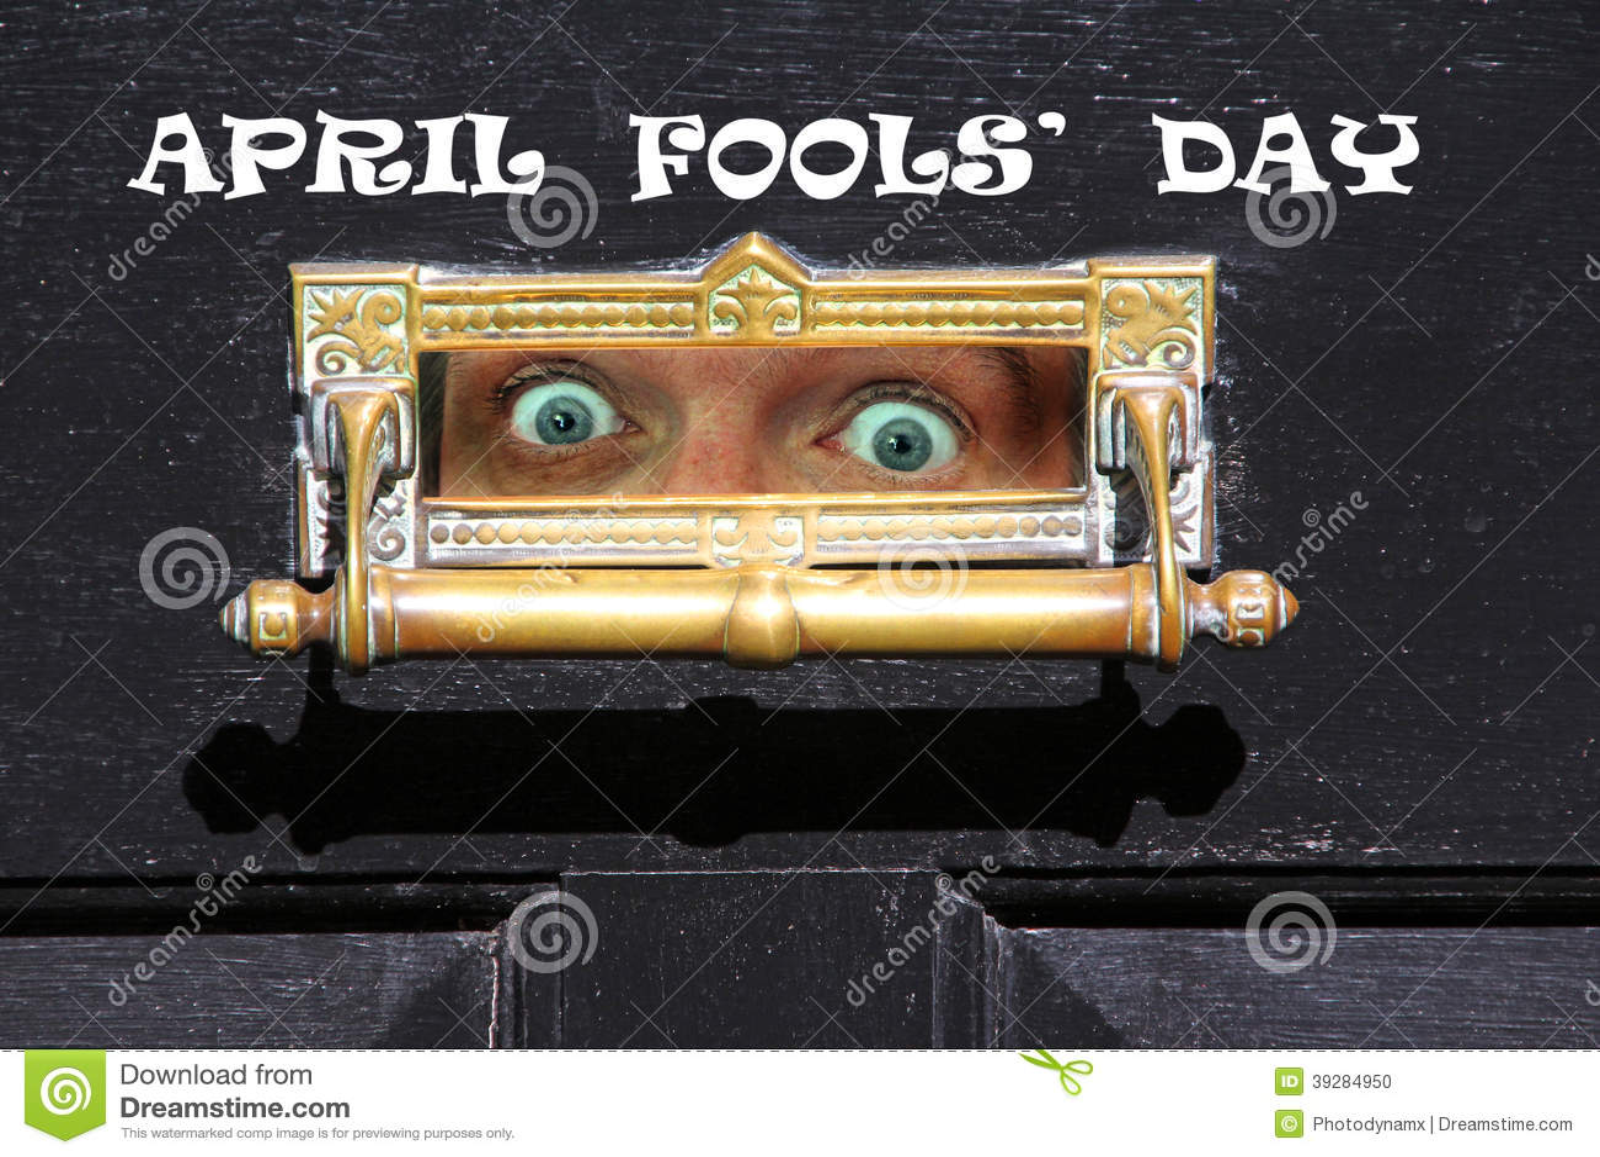 April voor de gek houdt phobic dag